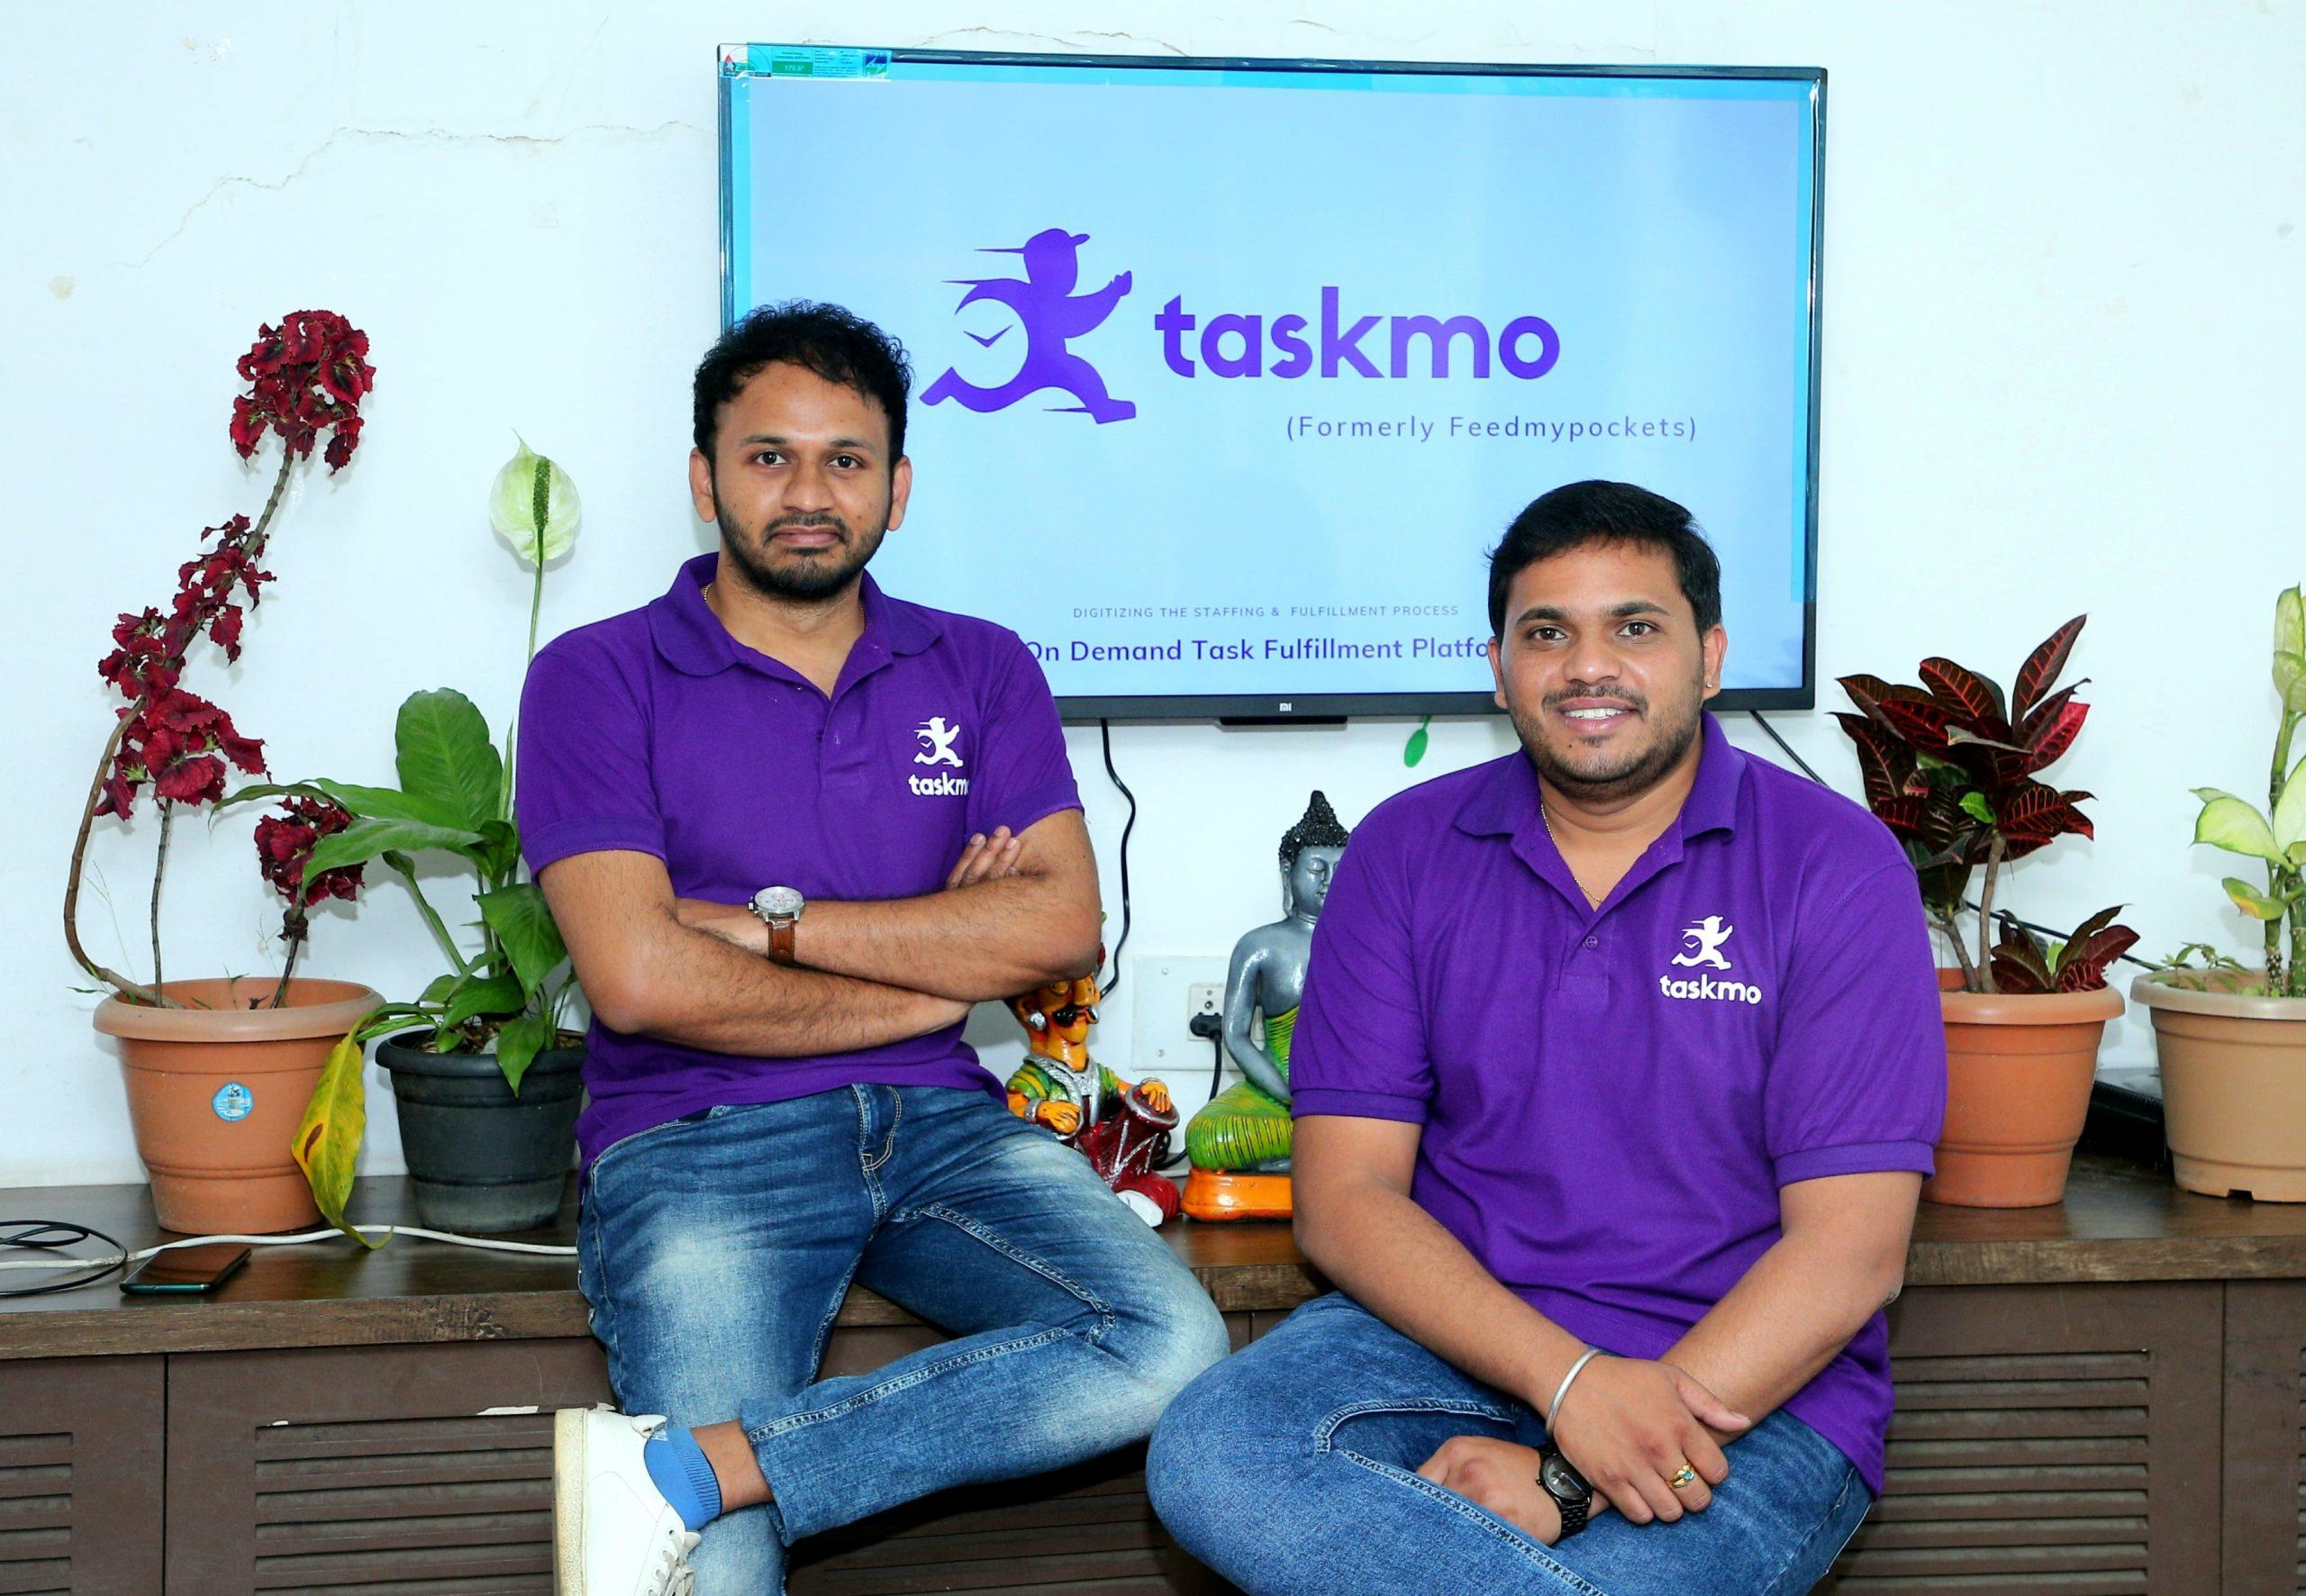 Taskmo Founders: Prashant Janadari & Naveen Ramchandra,